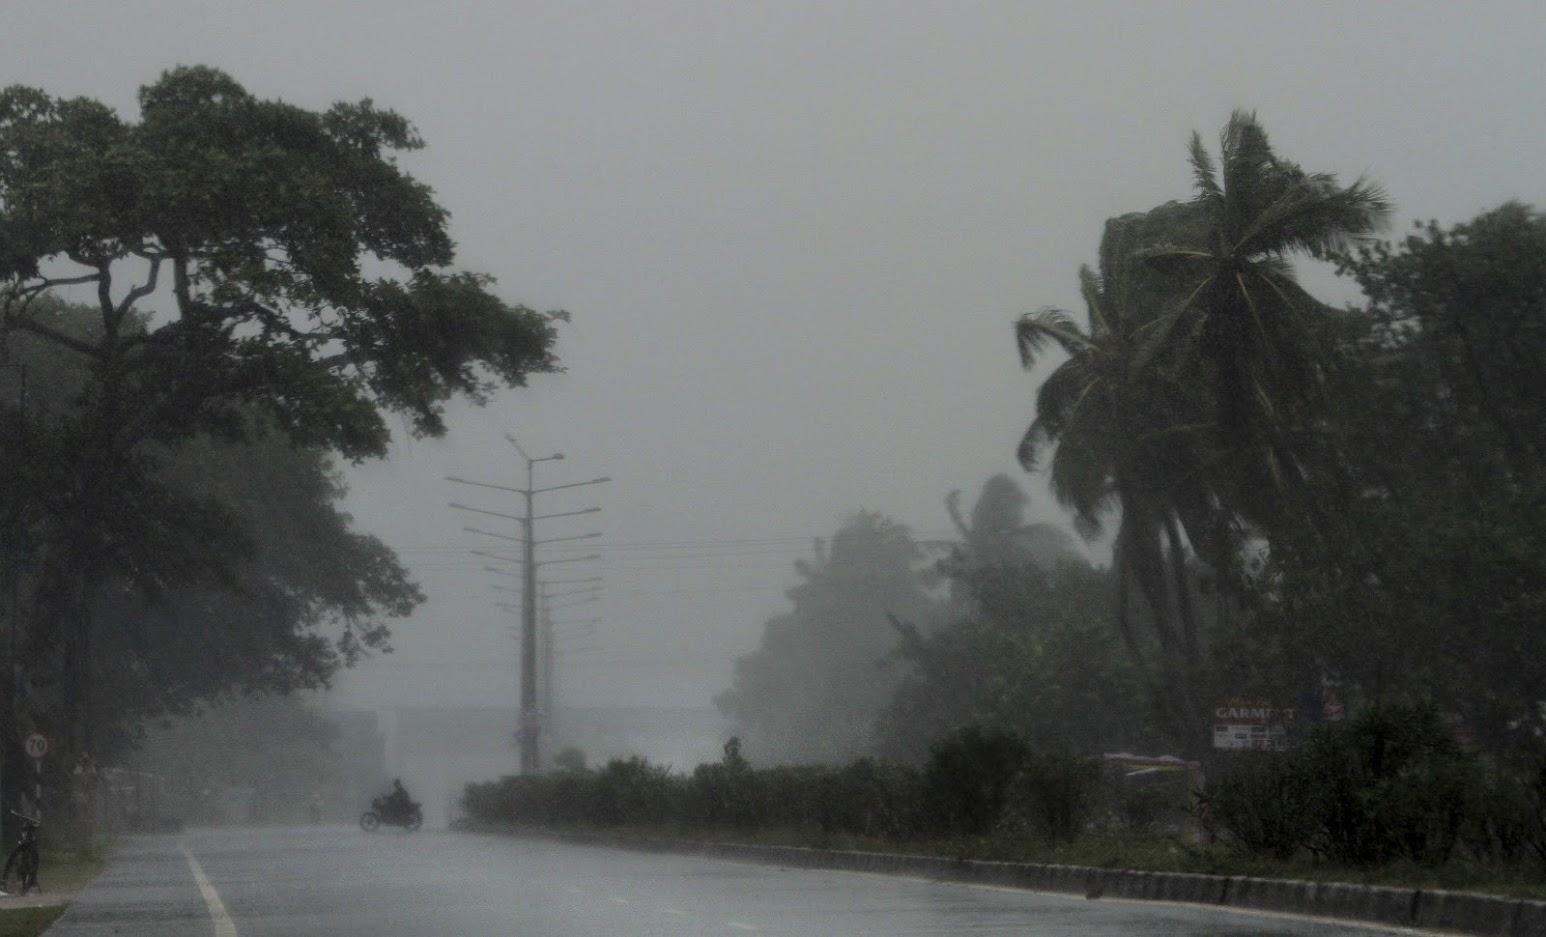 कर्नाटक के उत्तरी अंदरुनी हिस्से और रायलसीमा में खराब बारिश हो सकती है. केरल और तटीय कर्नाटक में बेहतर बारिश होने का अनुमान है.